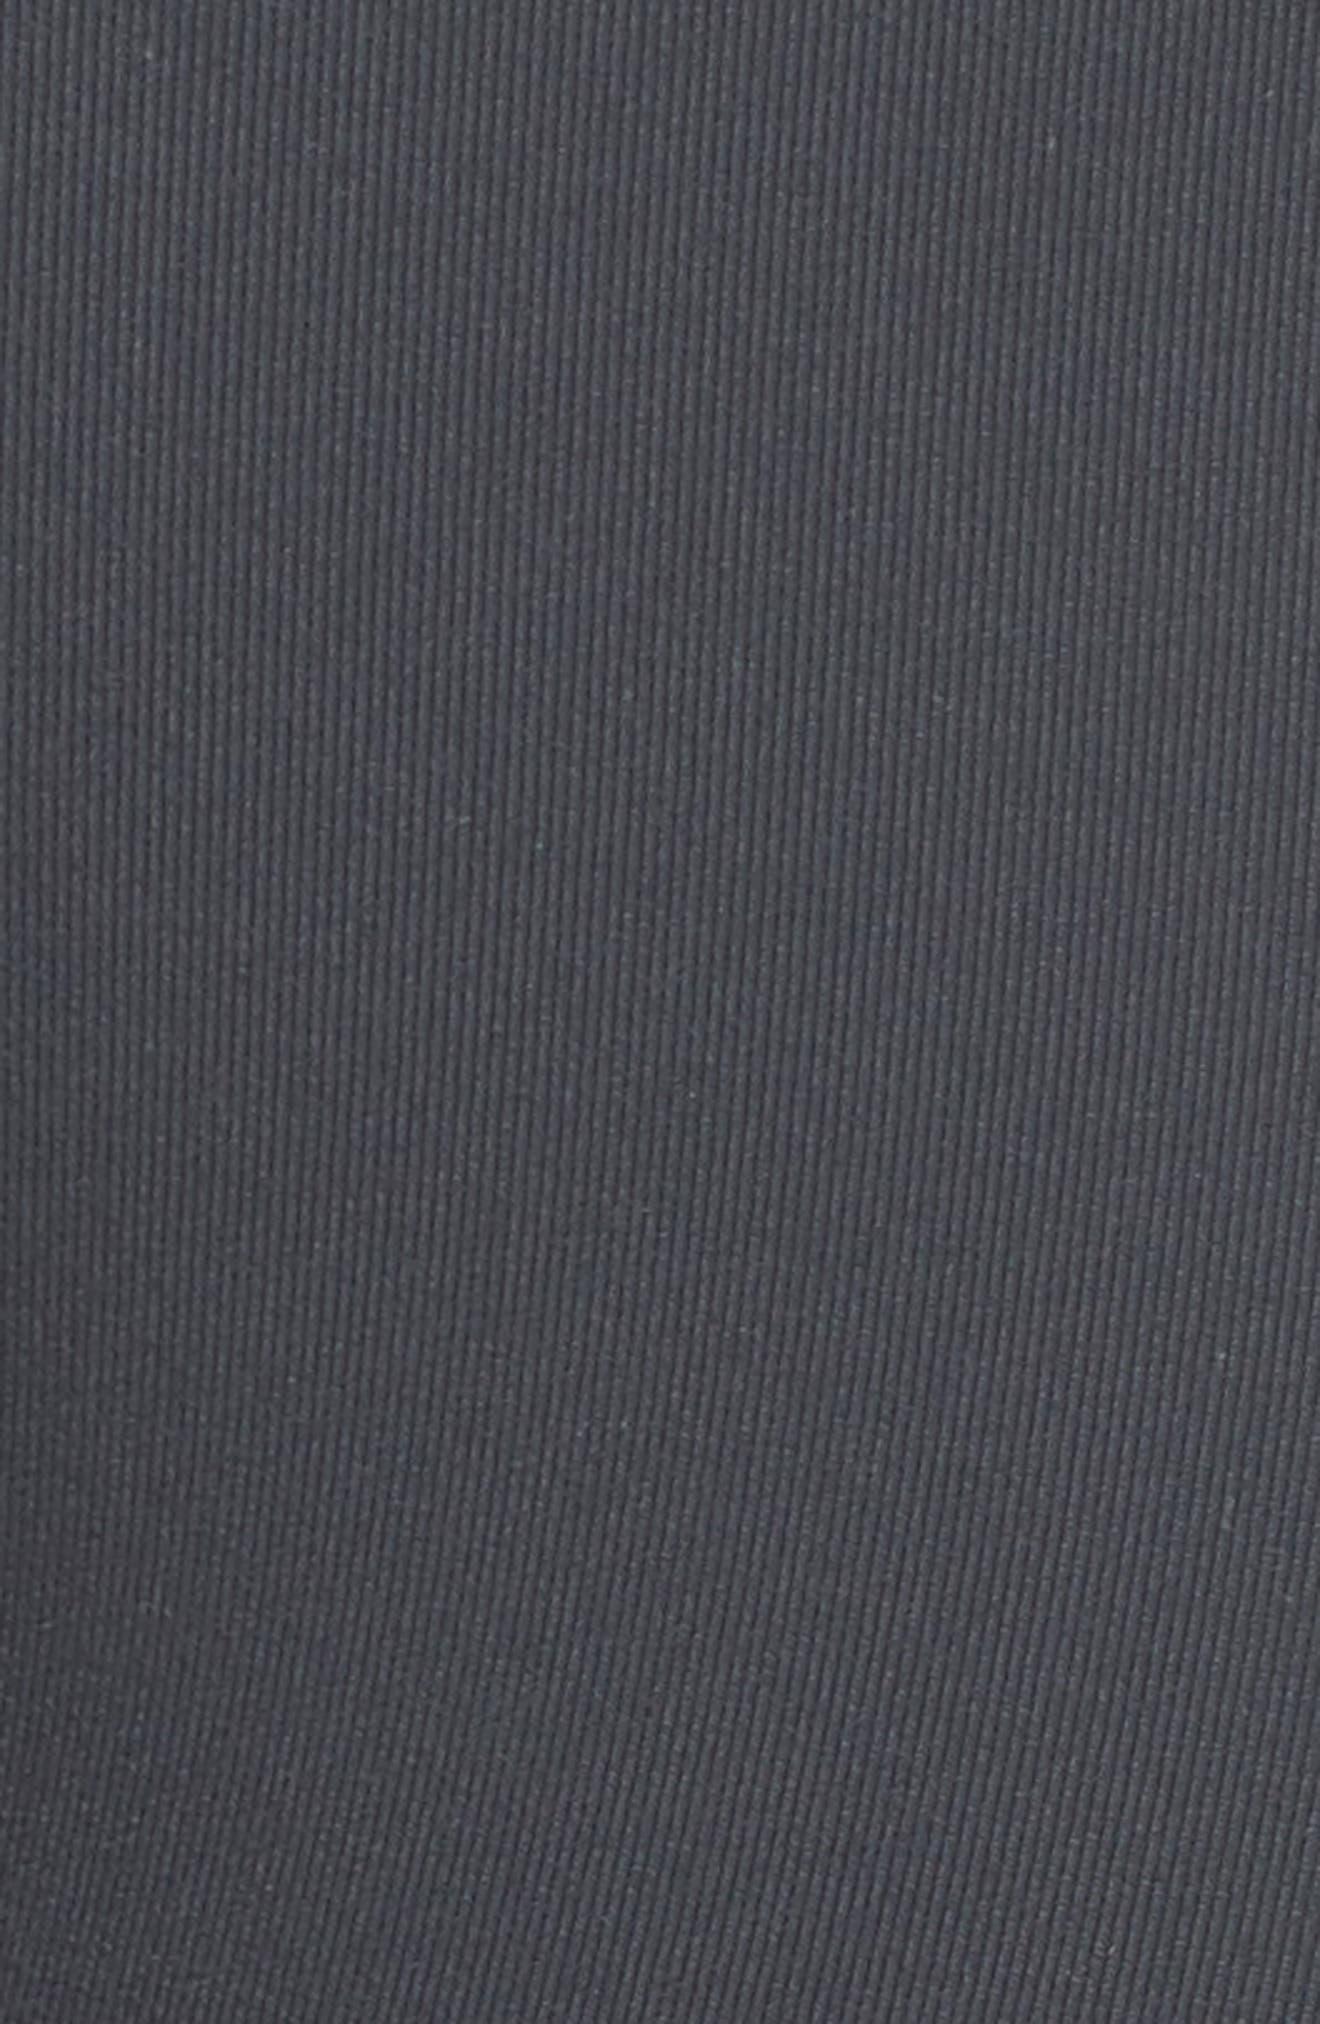 High Waist Mesh Inset Leggings,                             Alternate thumbnail 6, color,                             Anthracite